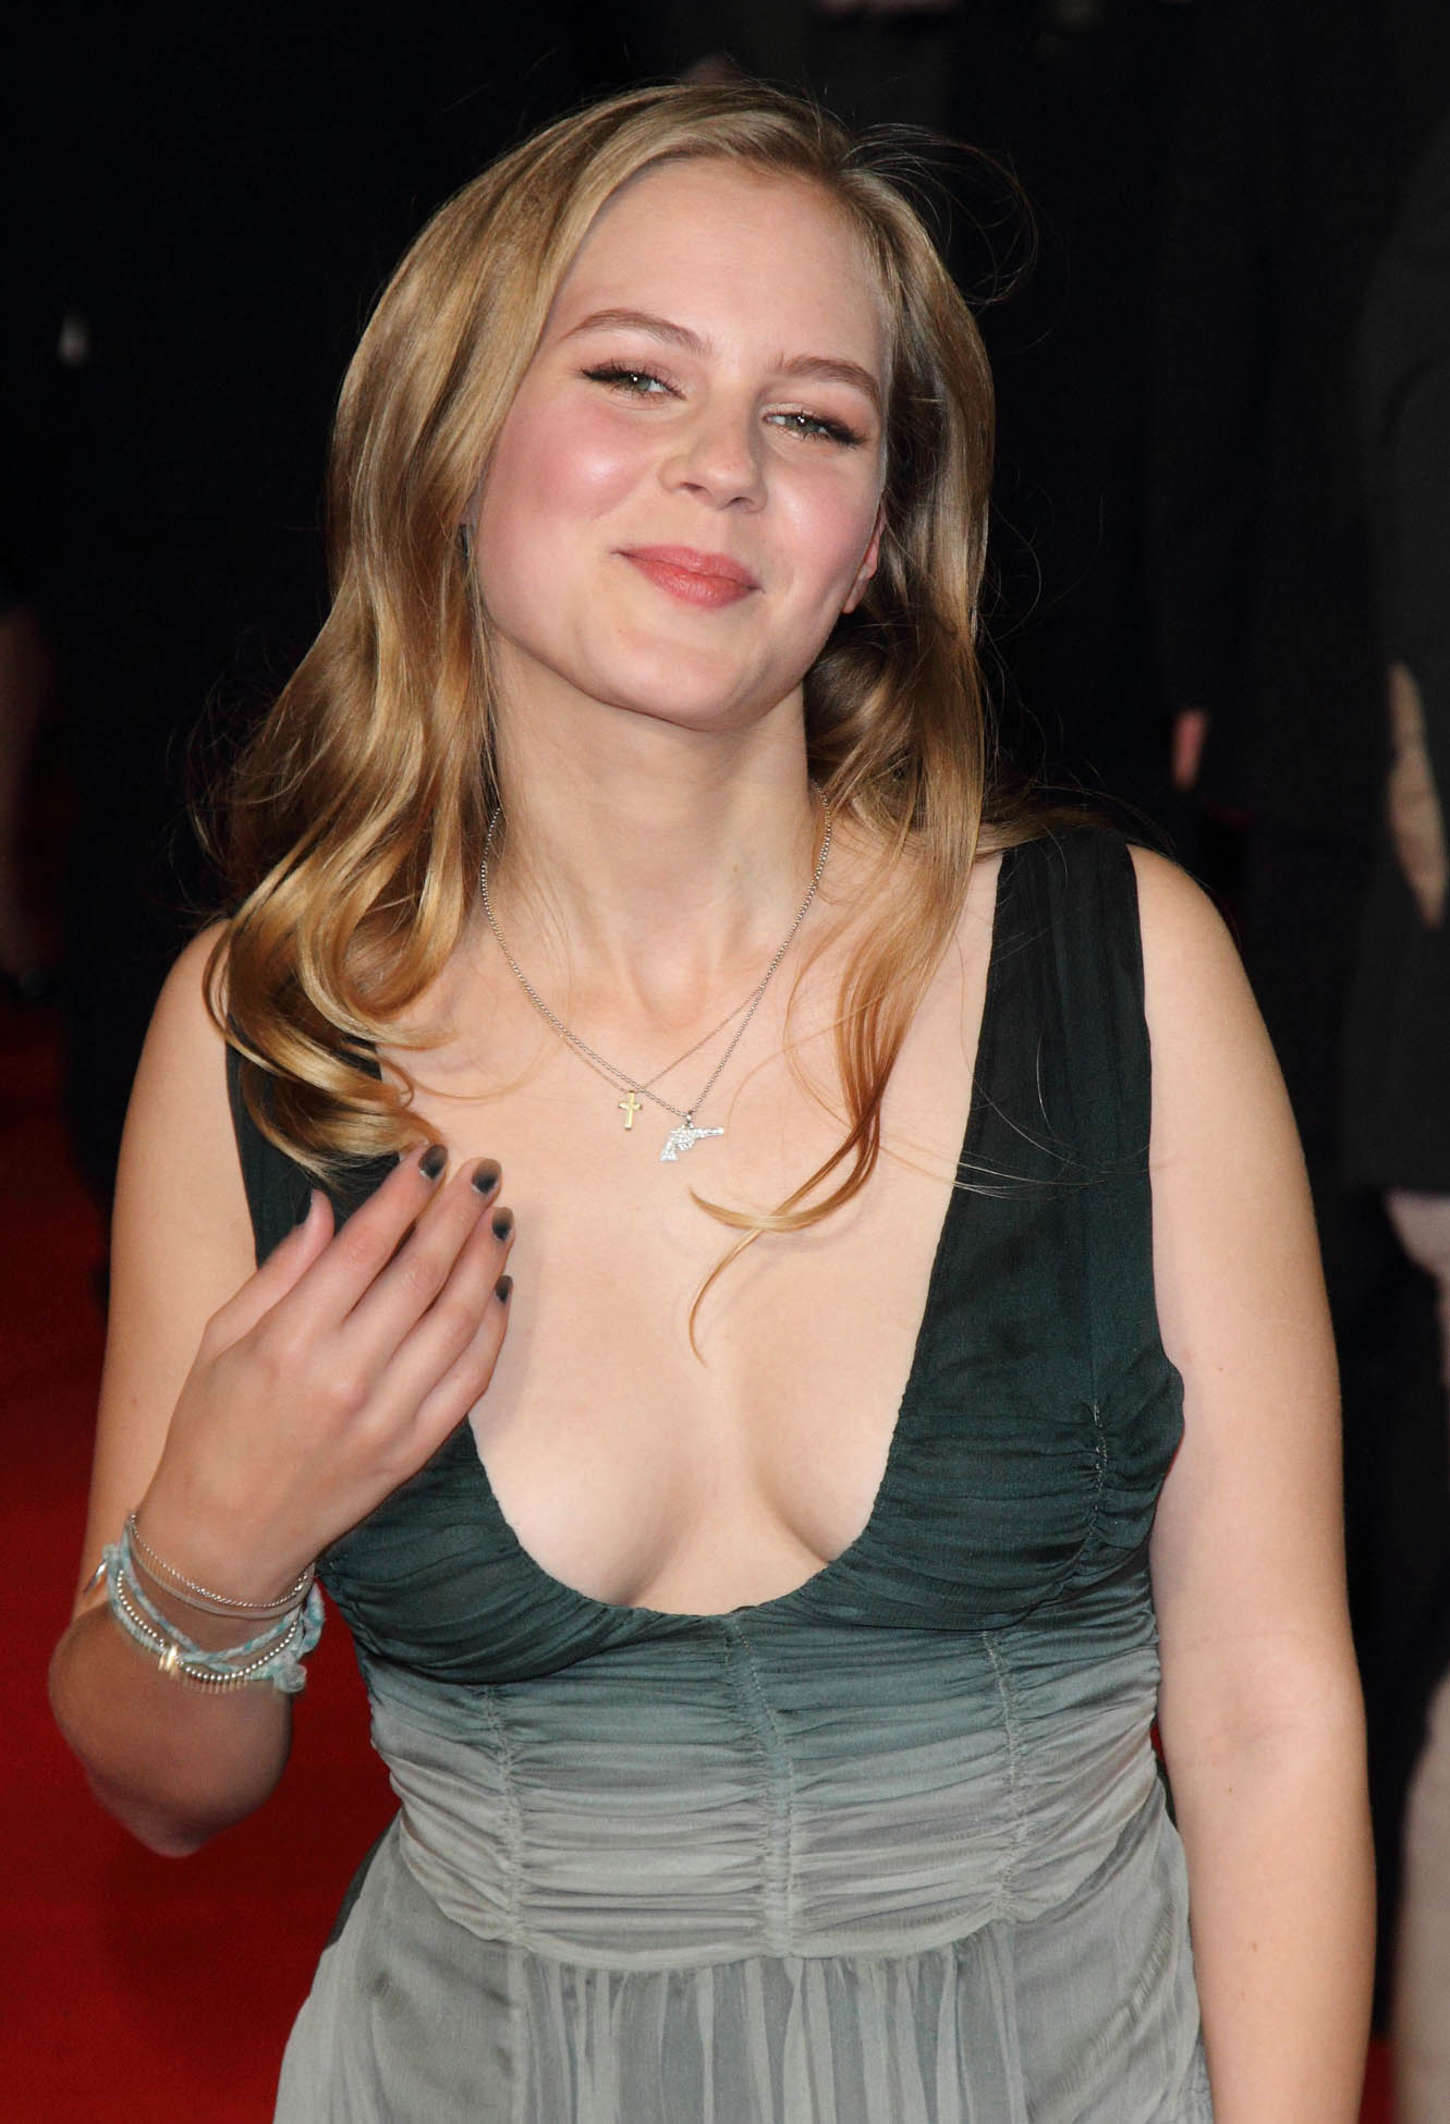 Alicia Von Rittberg Topless - Image 4 FAP